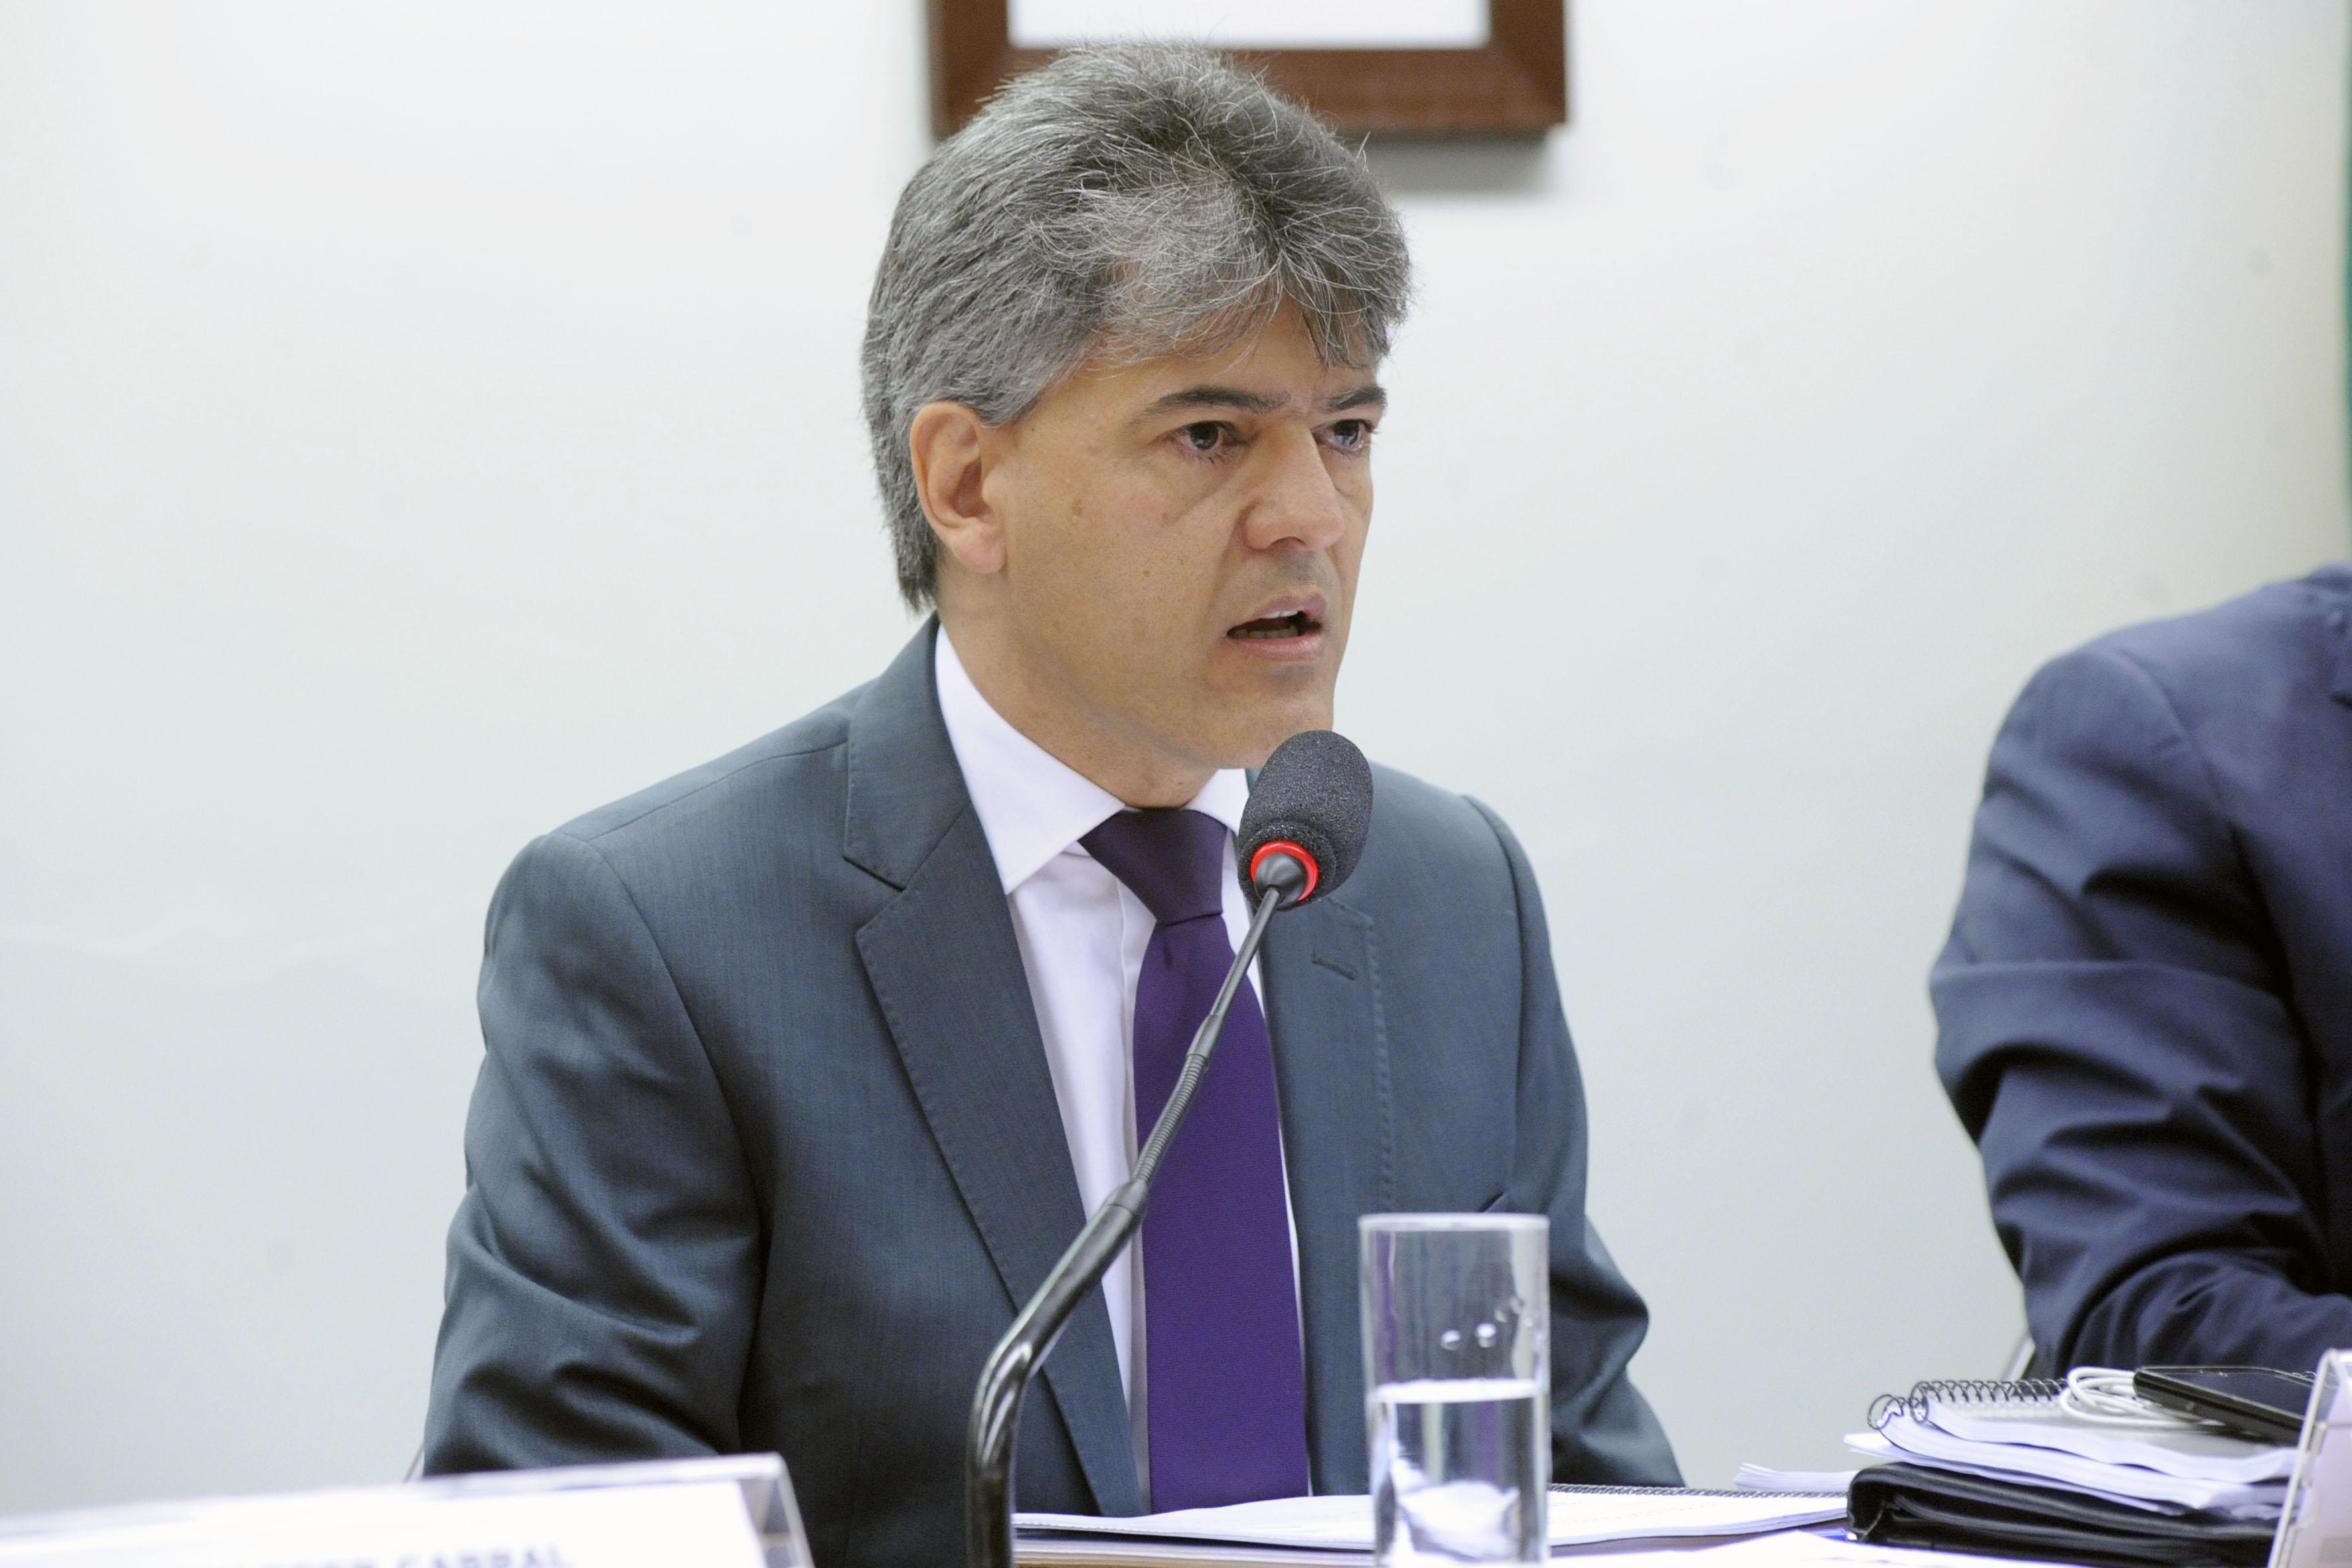 Audiência pública para debater aspectos técnicos da reforma previdenciária. Secretário-Adjunto de Previdência do Ministério da Economia, Narlon Gutierre Nogueira